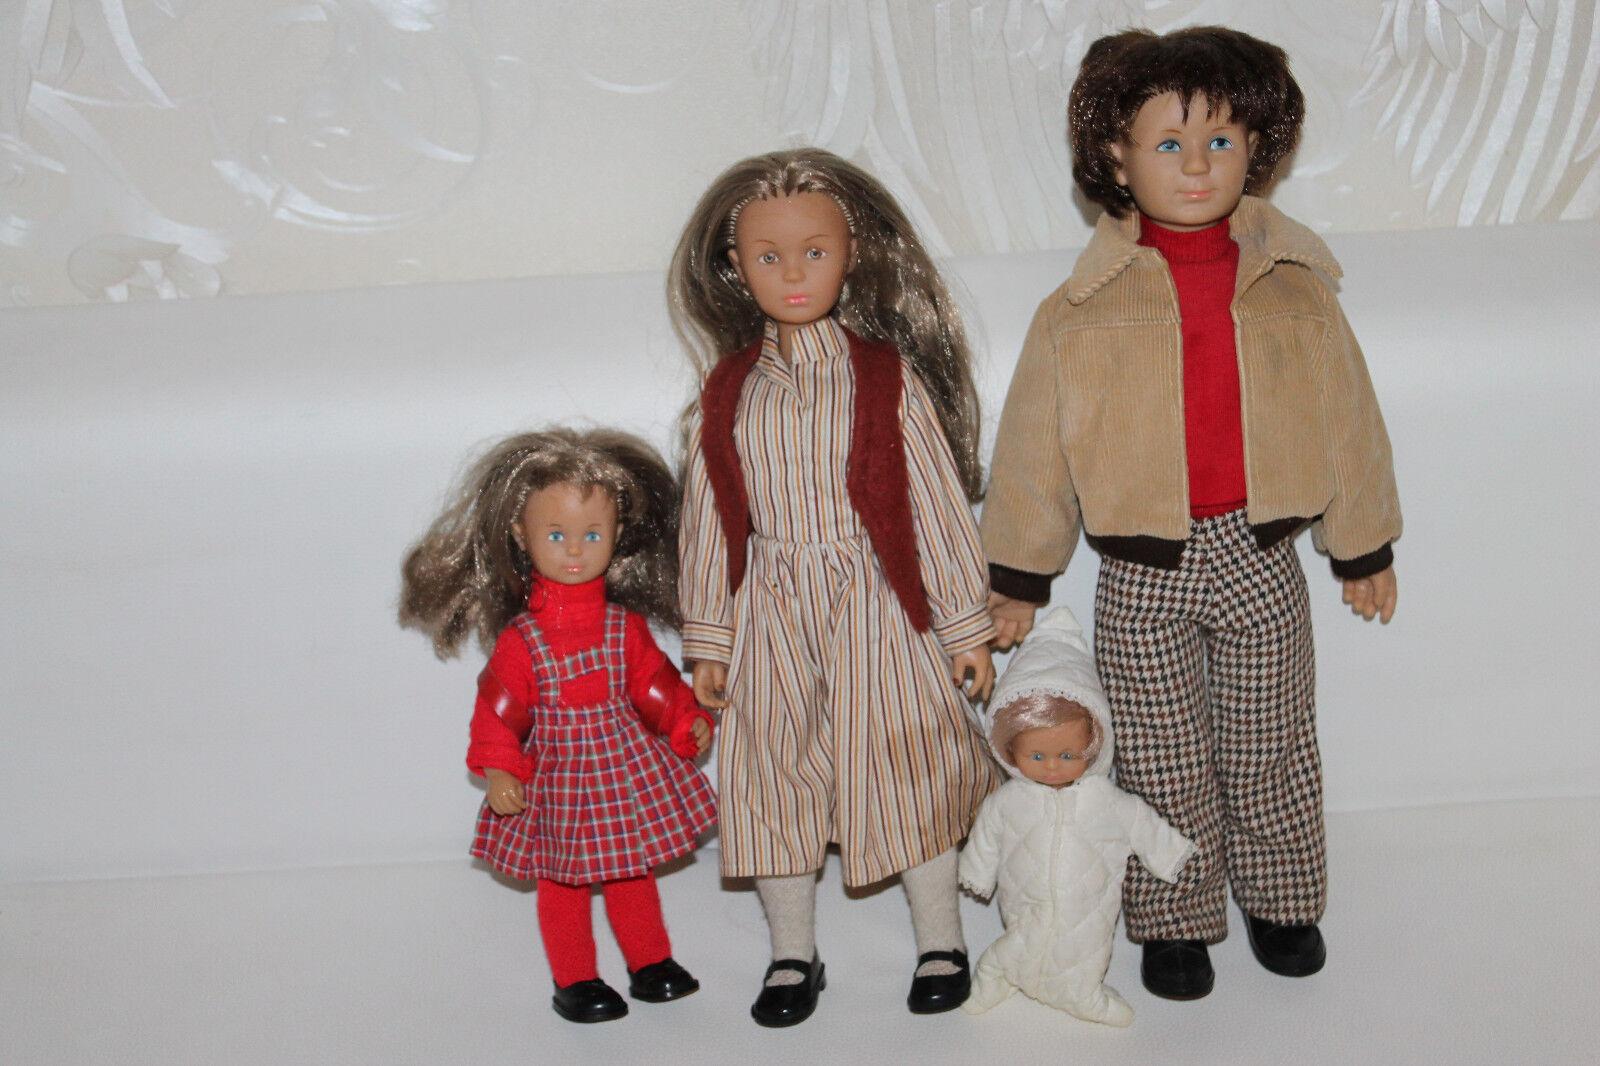 Familia muñeca bebé 70-er años vintage móviles mano & fußgelenken rar